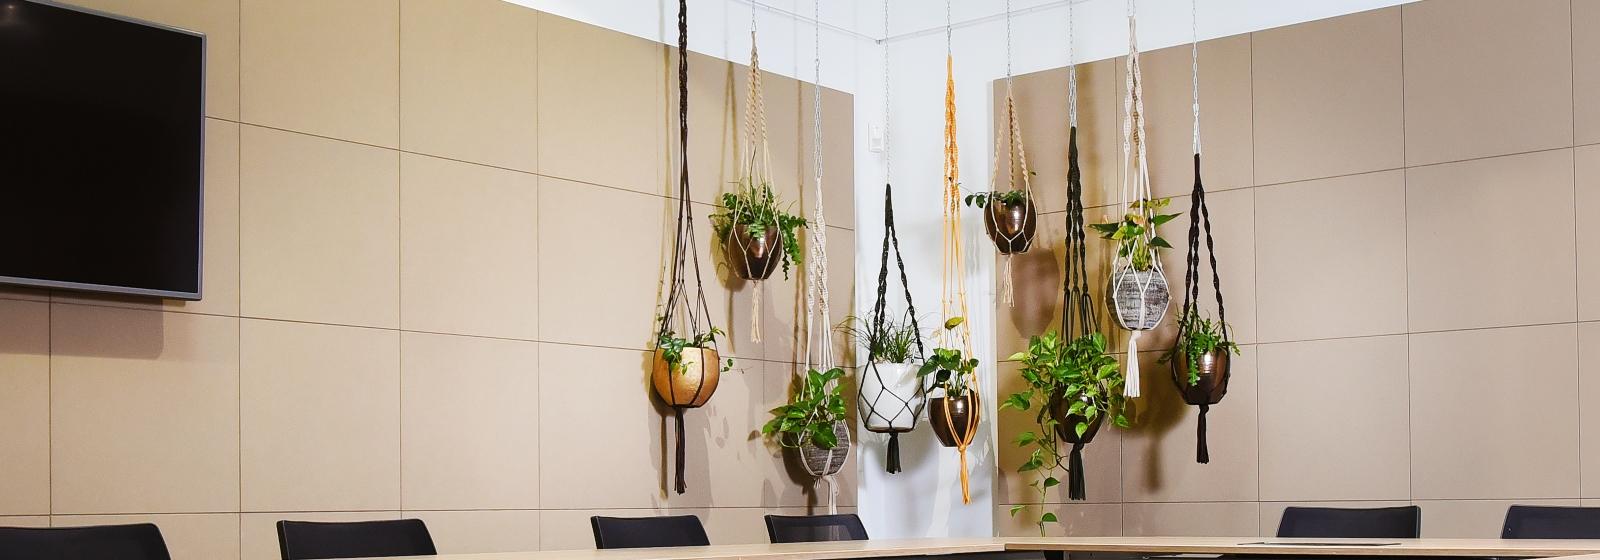 Hangplanten-Kantoor.jpg